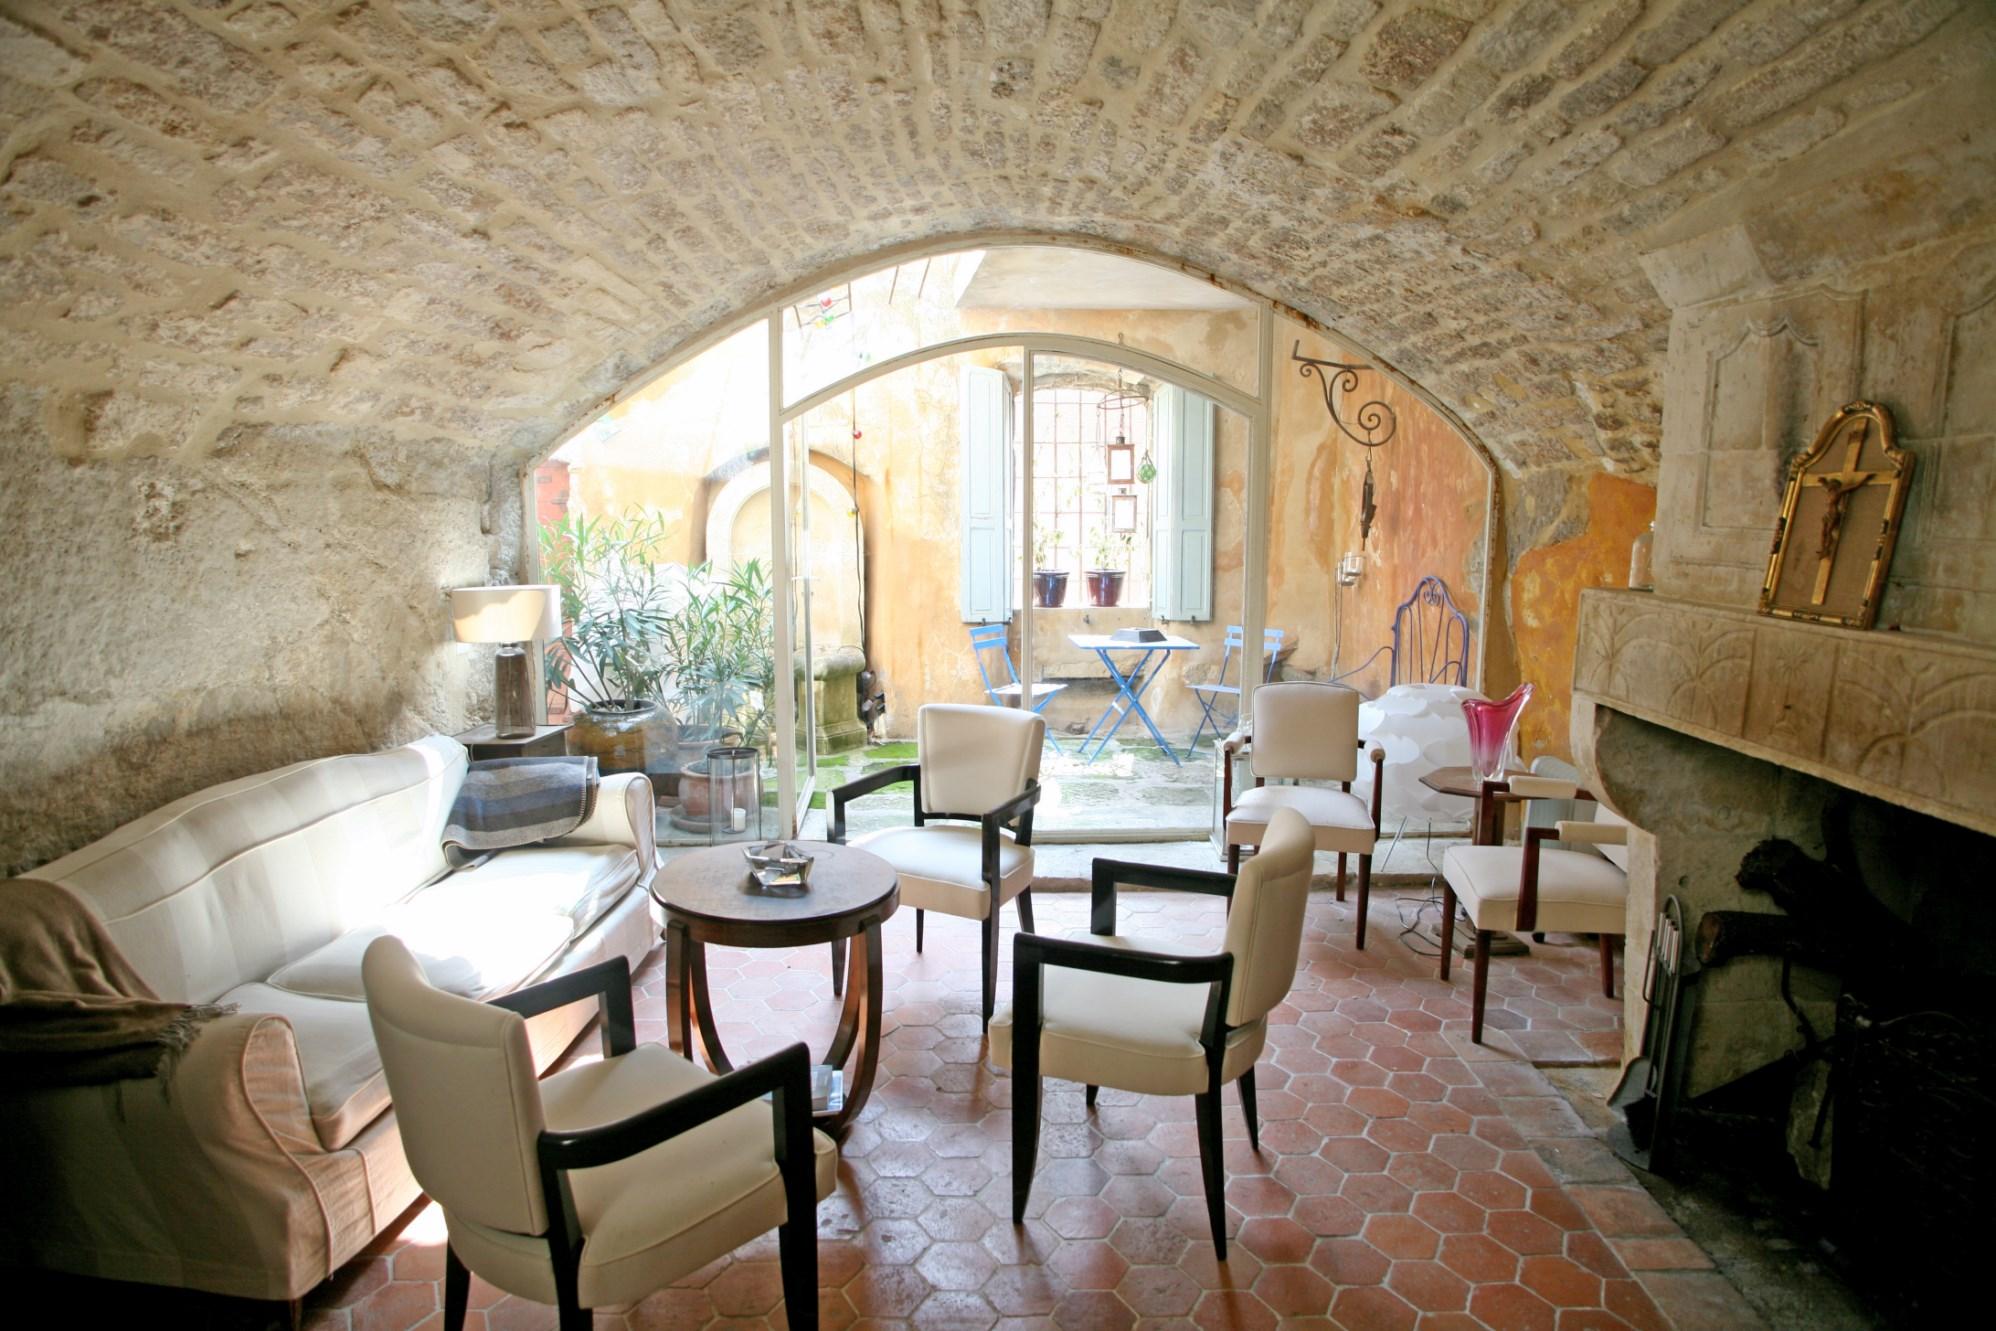 En vente en Provence, en Luberon,  dans un célèbre village perché, magnifique maison de village du XVIIème siècle totalement atypique,  avec patio et terrasse.